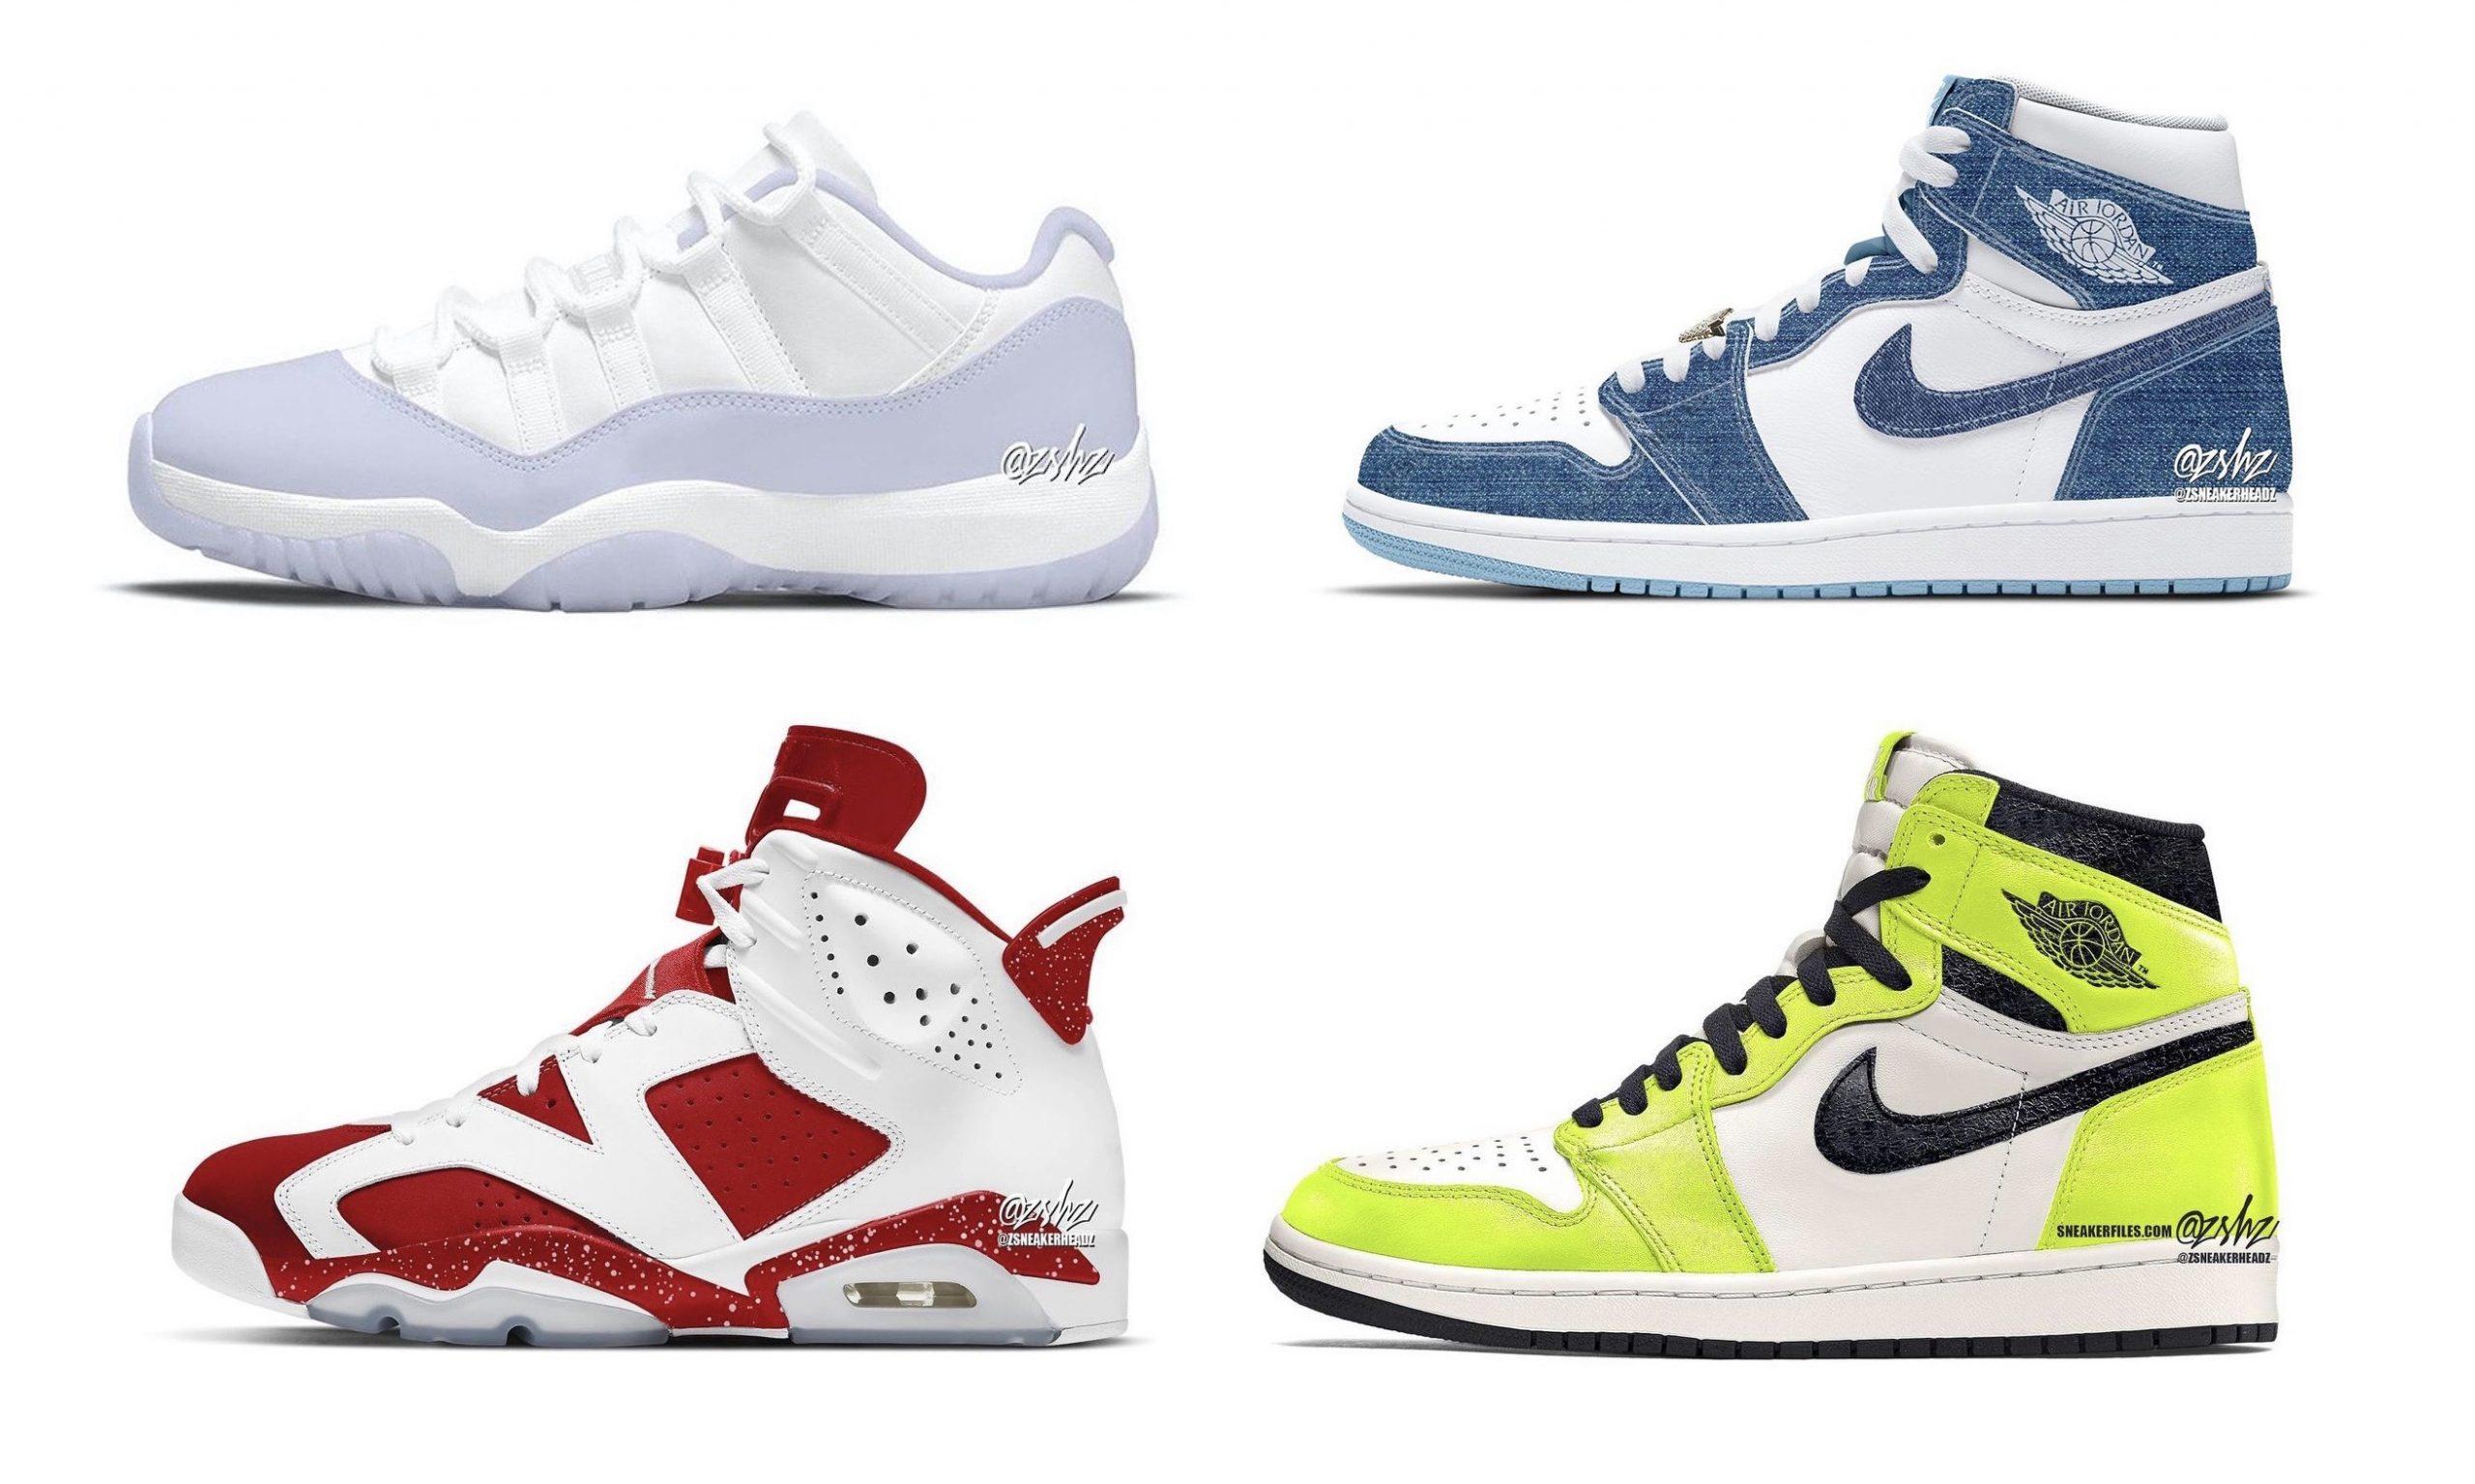 抢先预览 Jordan Brand 2022 夏季发售鞋款